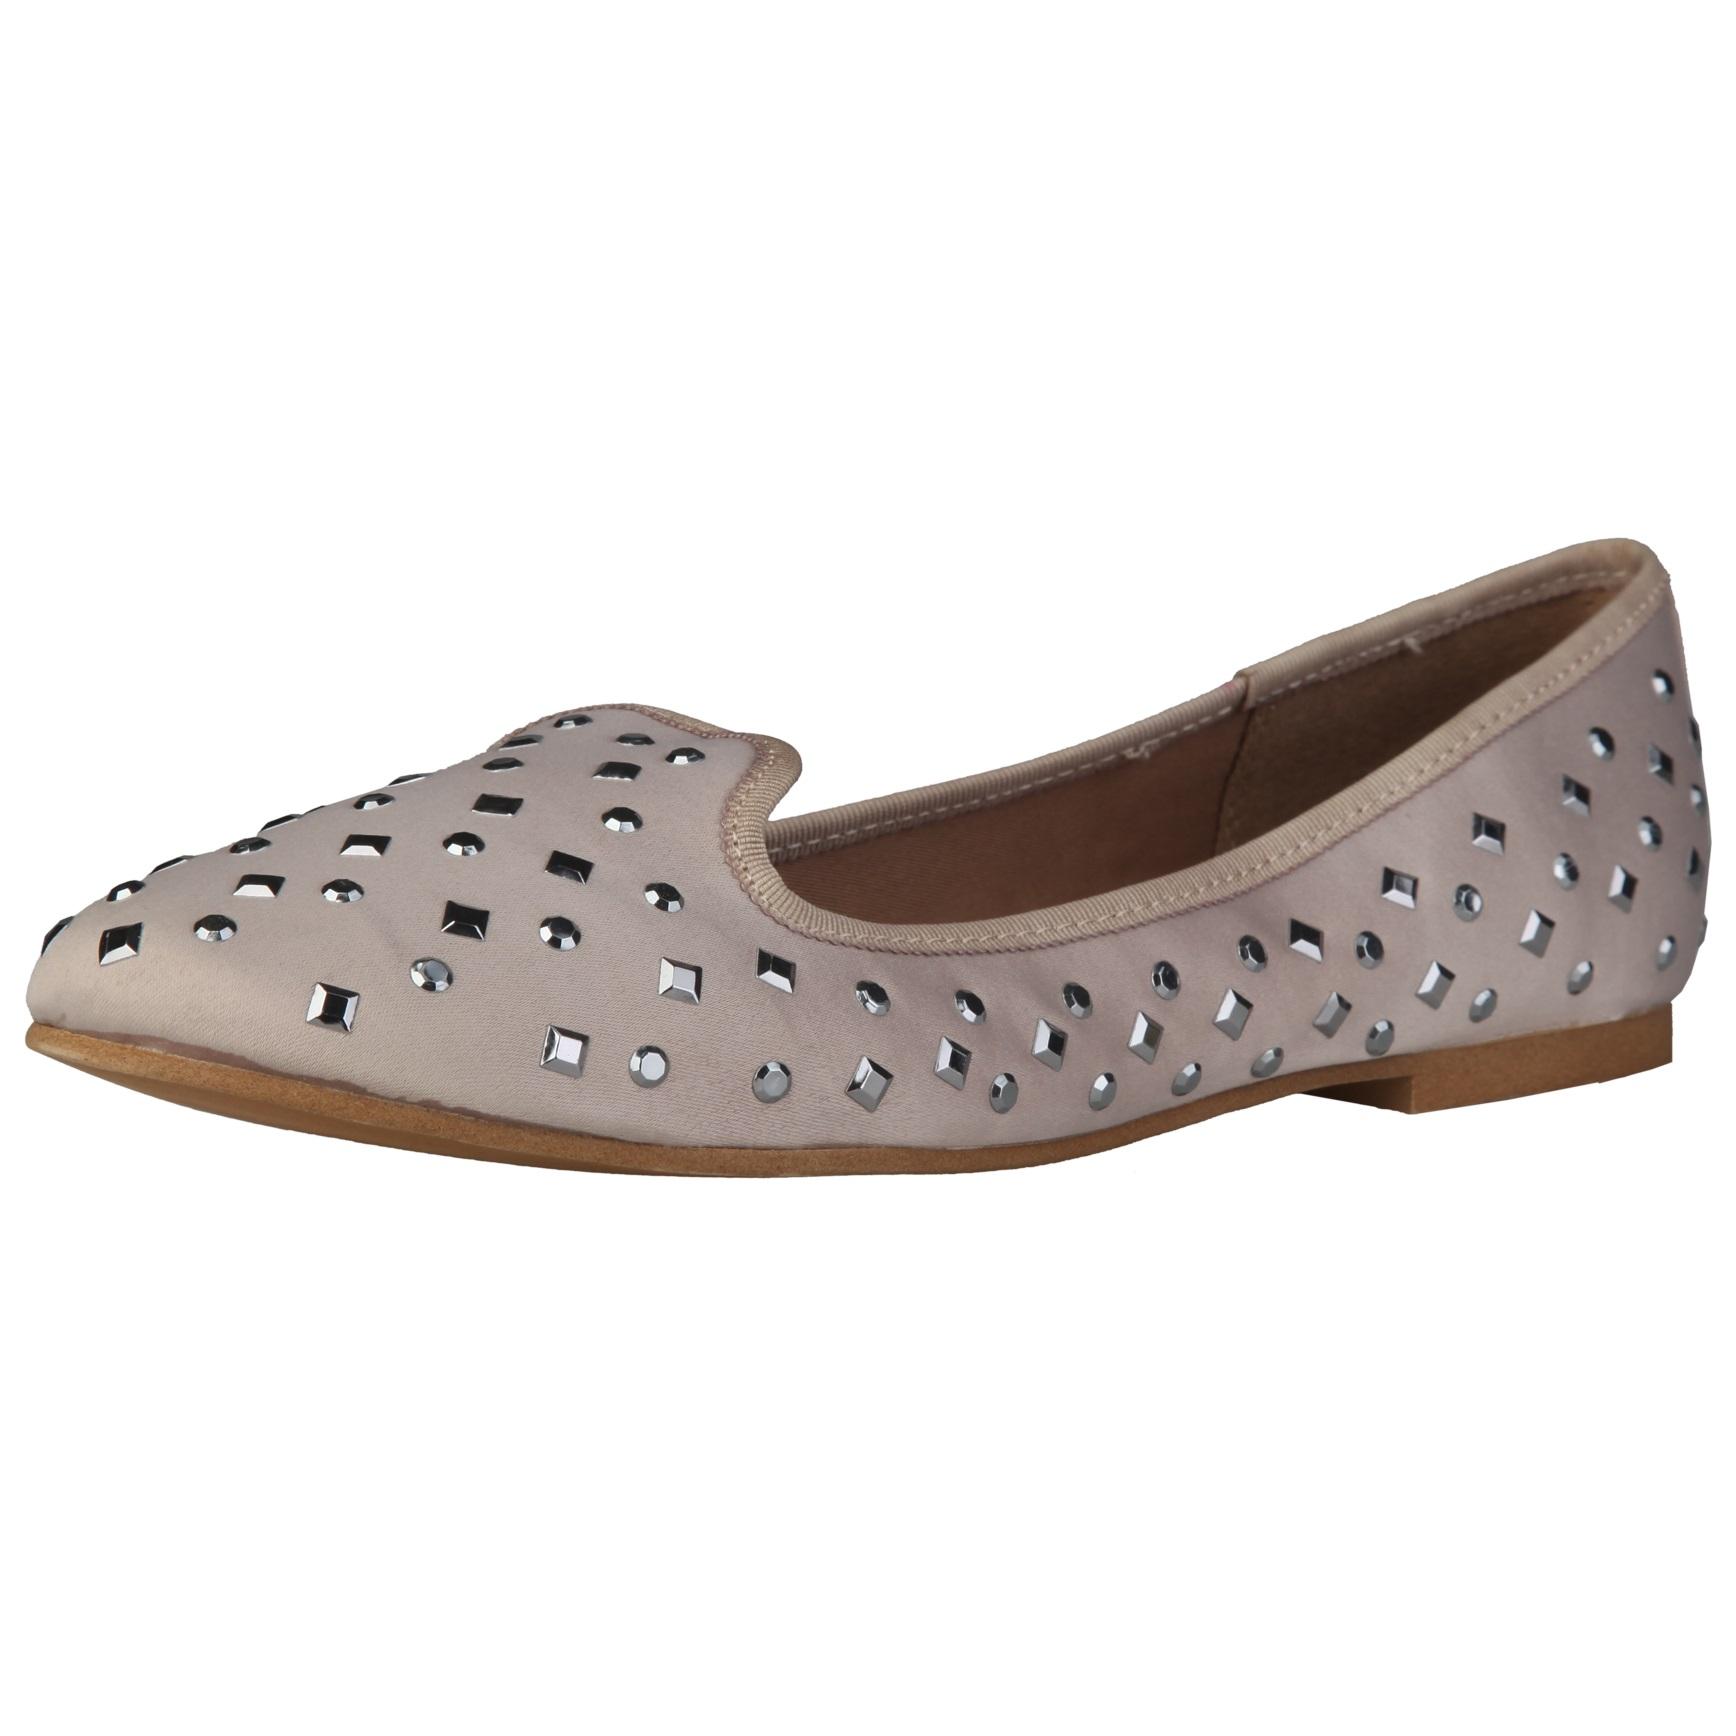 Sofia Loes Flat Shoes Beige Rf600351